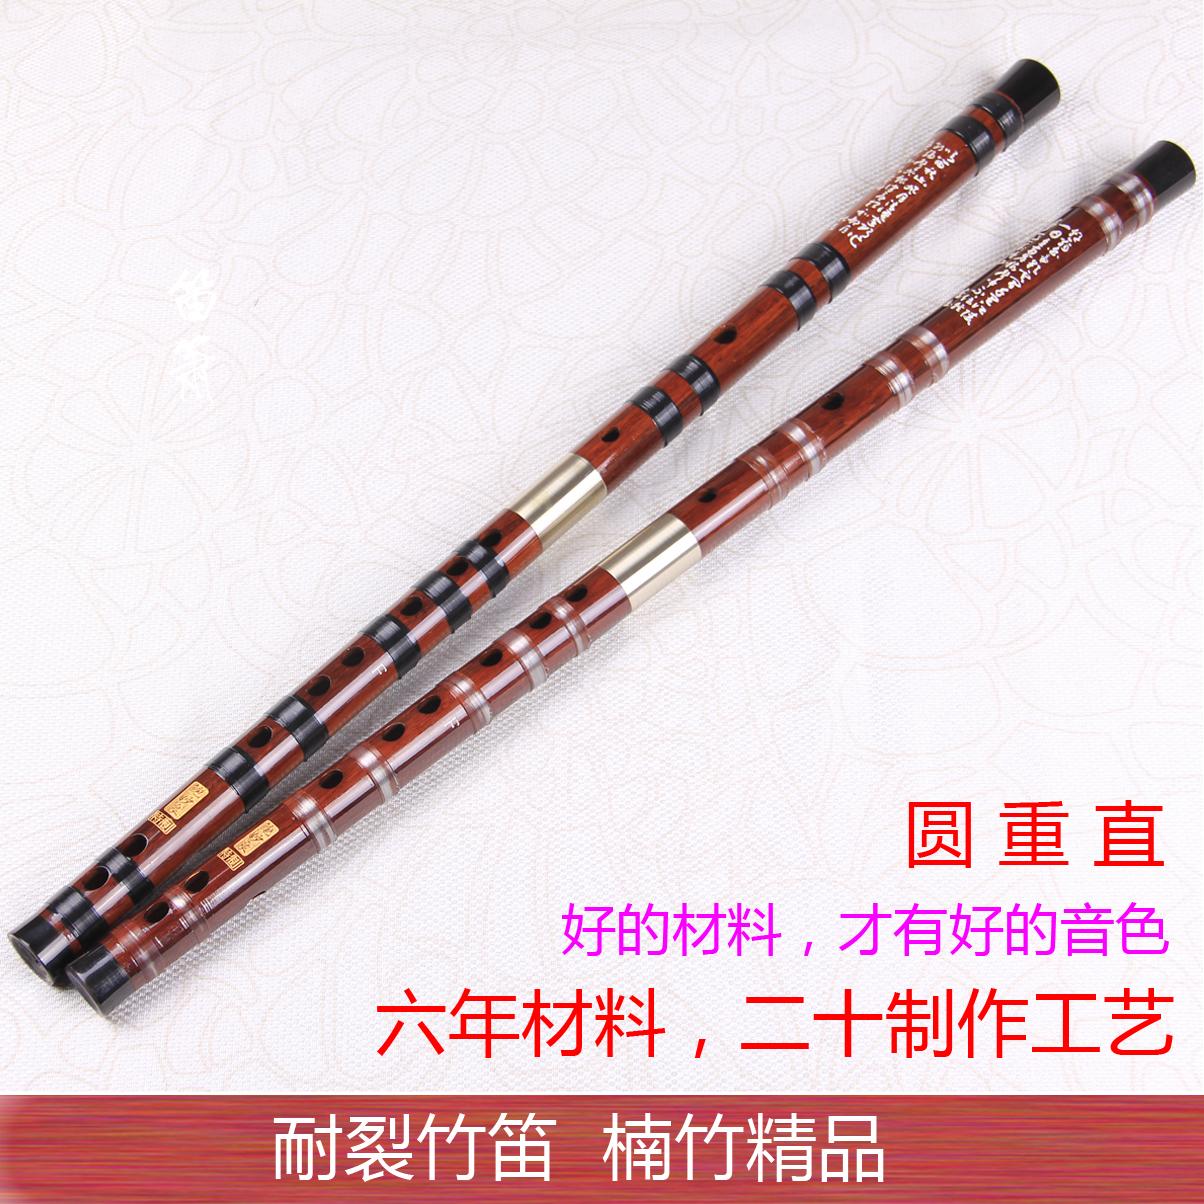 鲍妙良特制精品笛子耐裂专业竹笛国家专利厂家促销